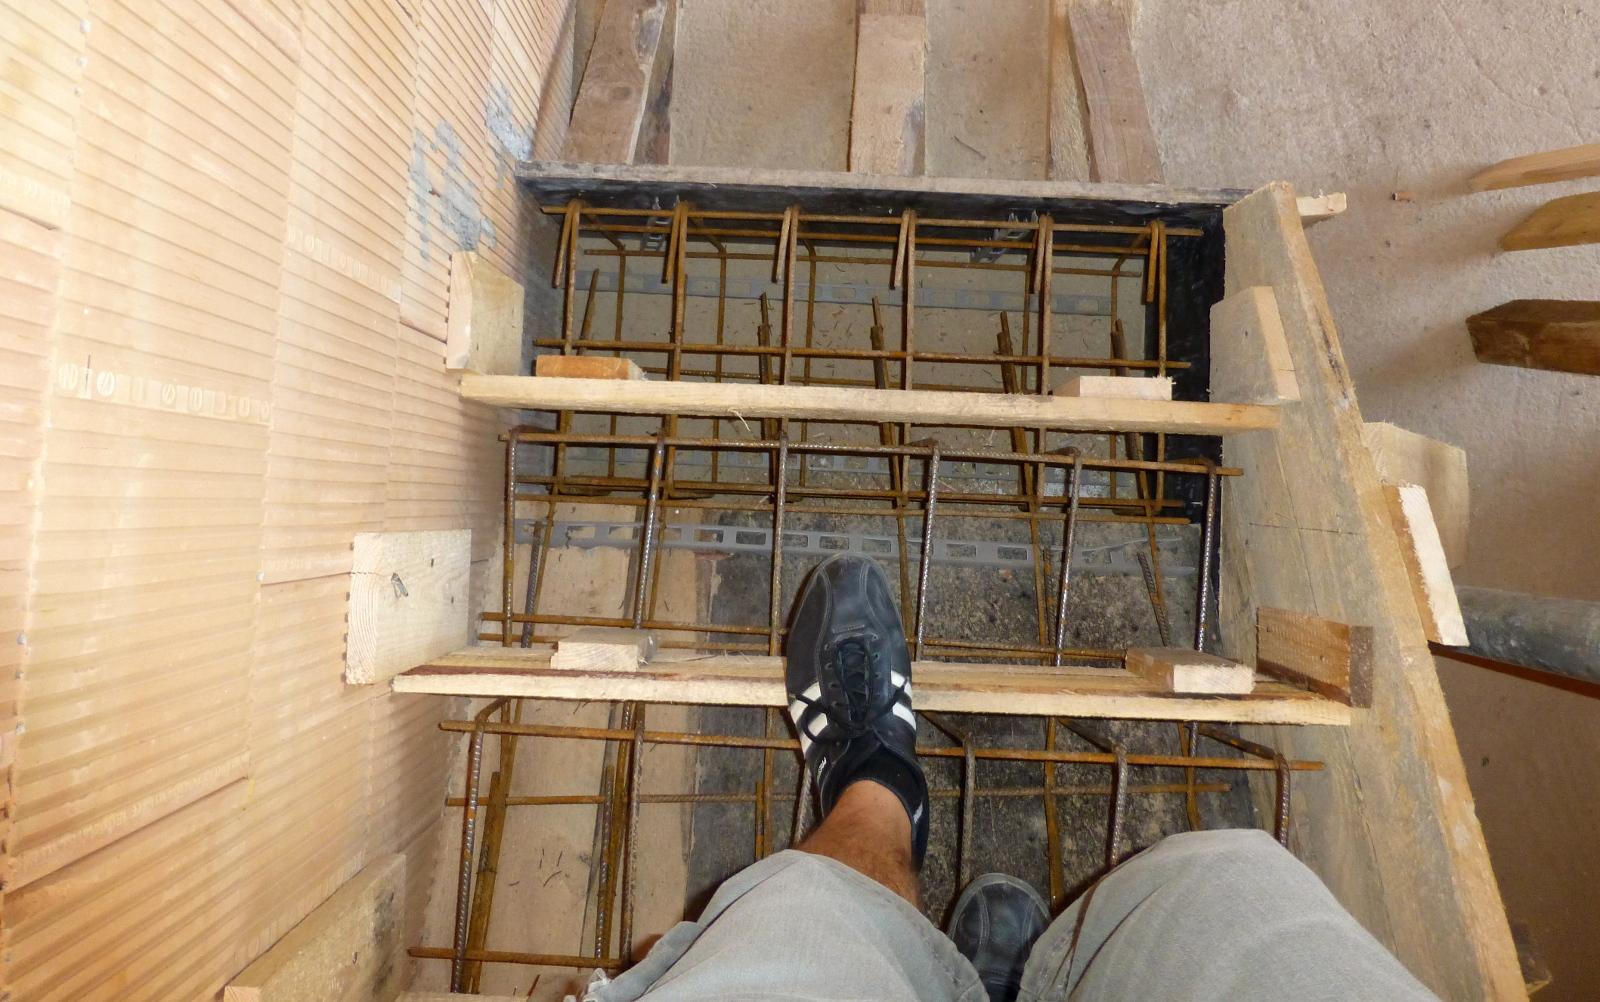 2015-09-15 Bednění pro schody je tak pevné, že se po něm dá chodit